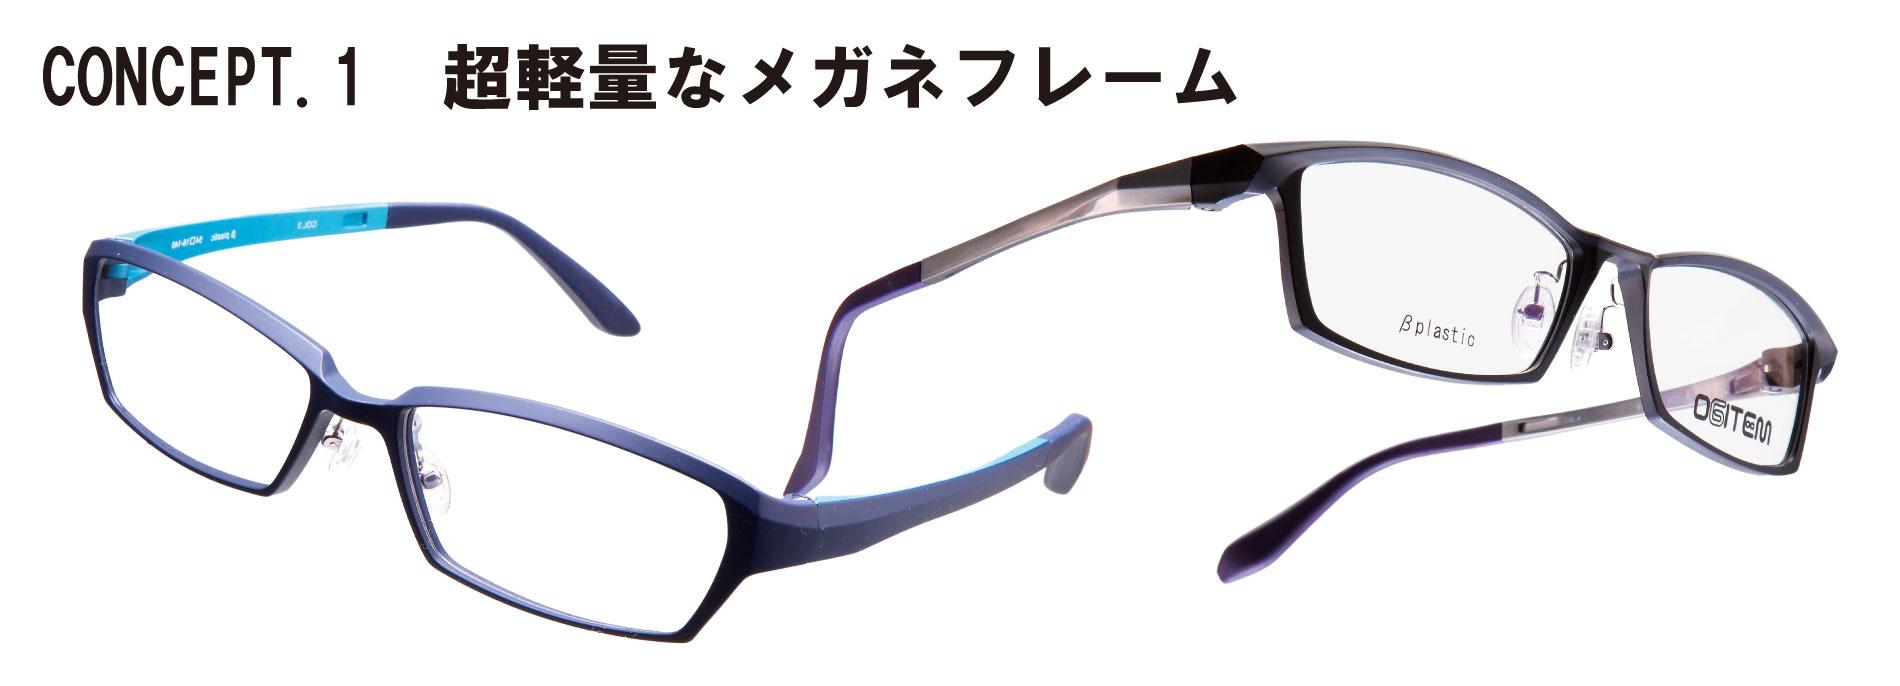 超軽量なメガネフレーム